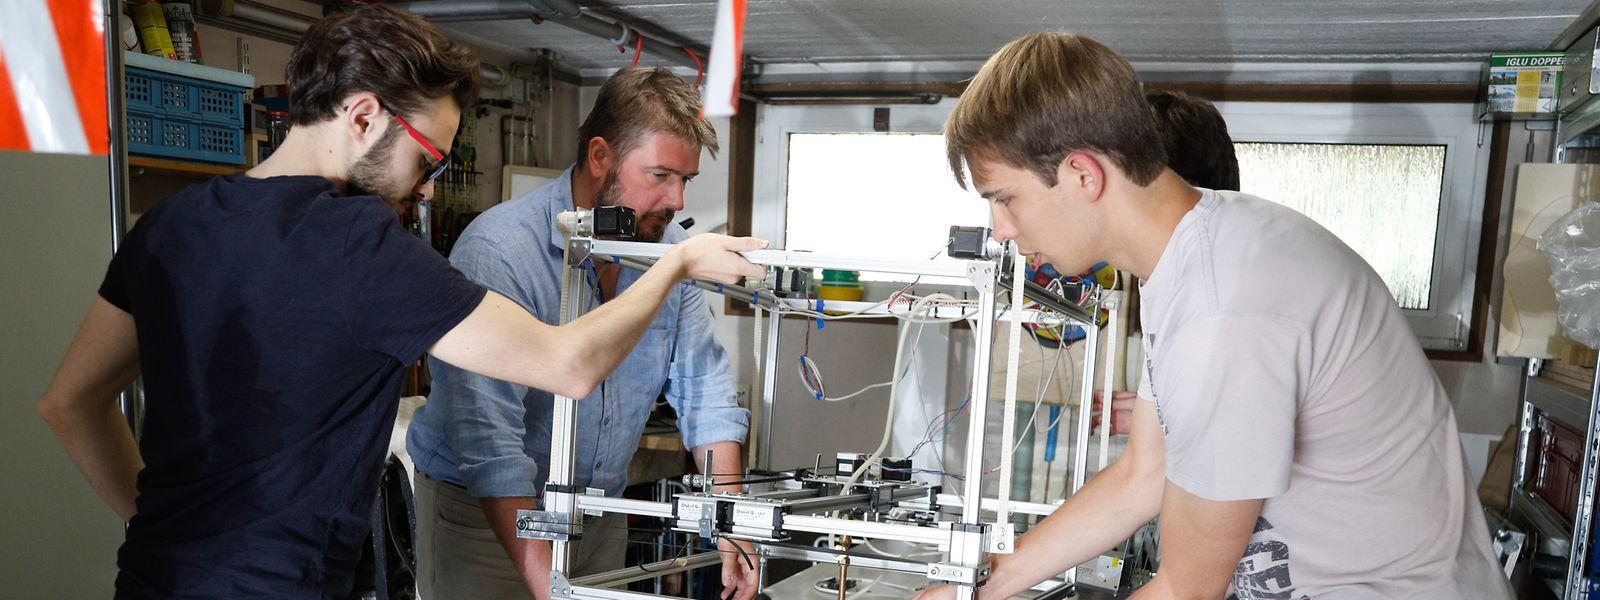 Lehrer Philippe Kirsch (2.v.l.) mit Maverick, Valentin und Alex (v.l.) beim Tüfteln in der Garage.